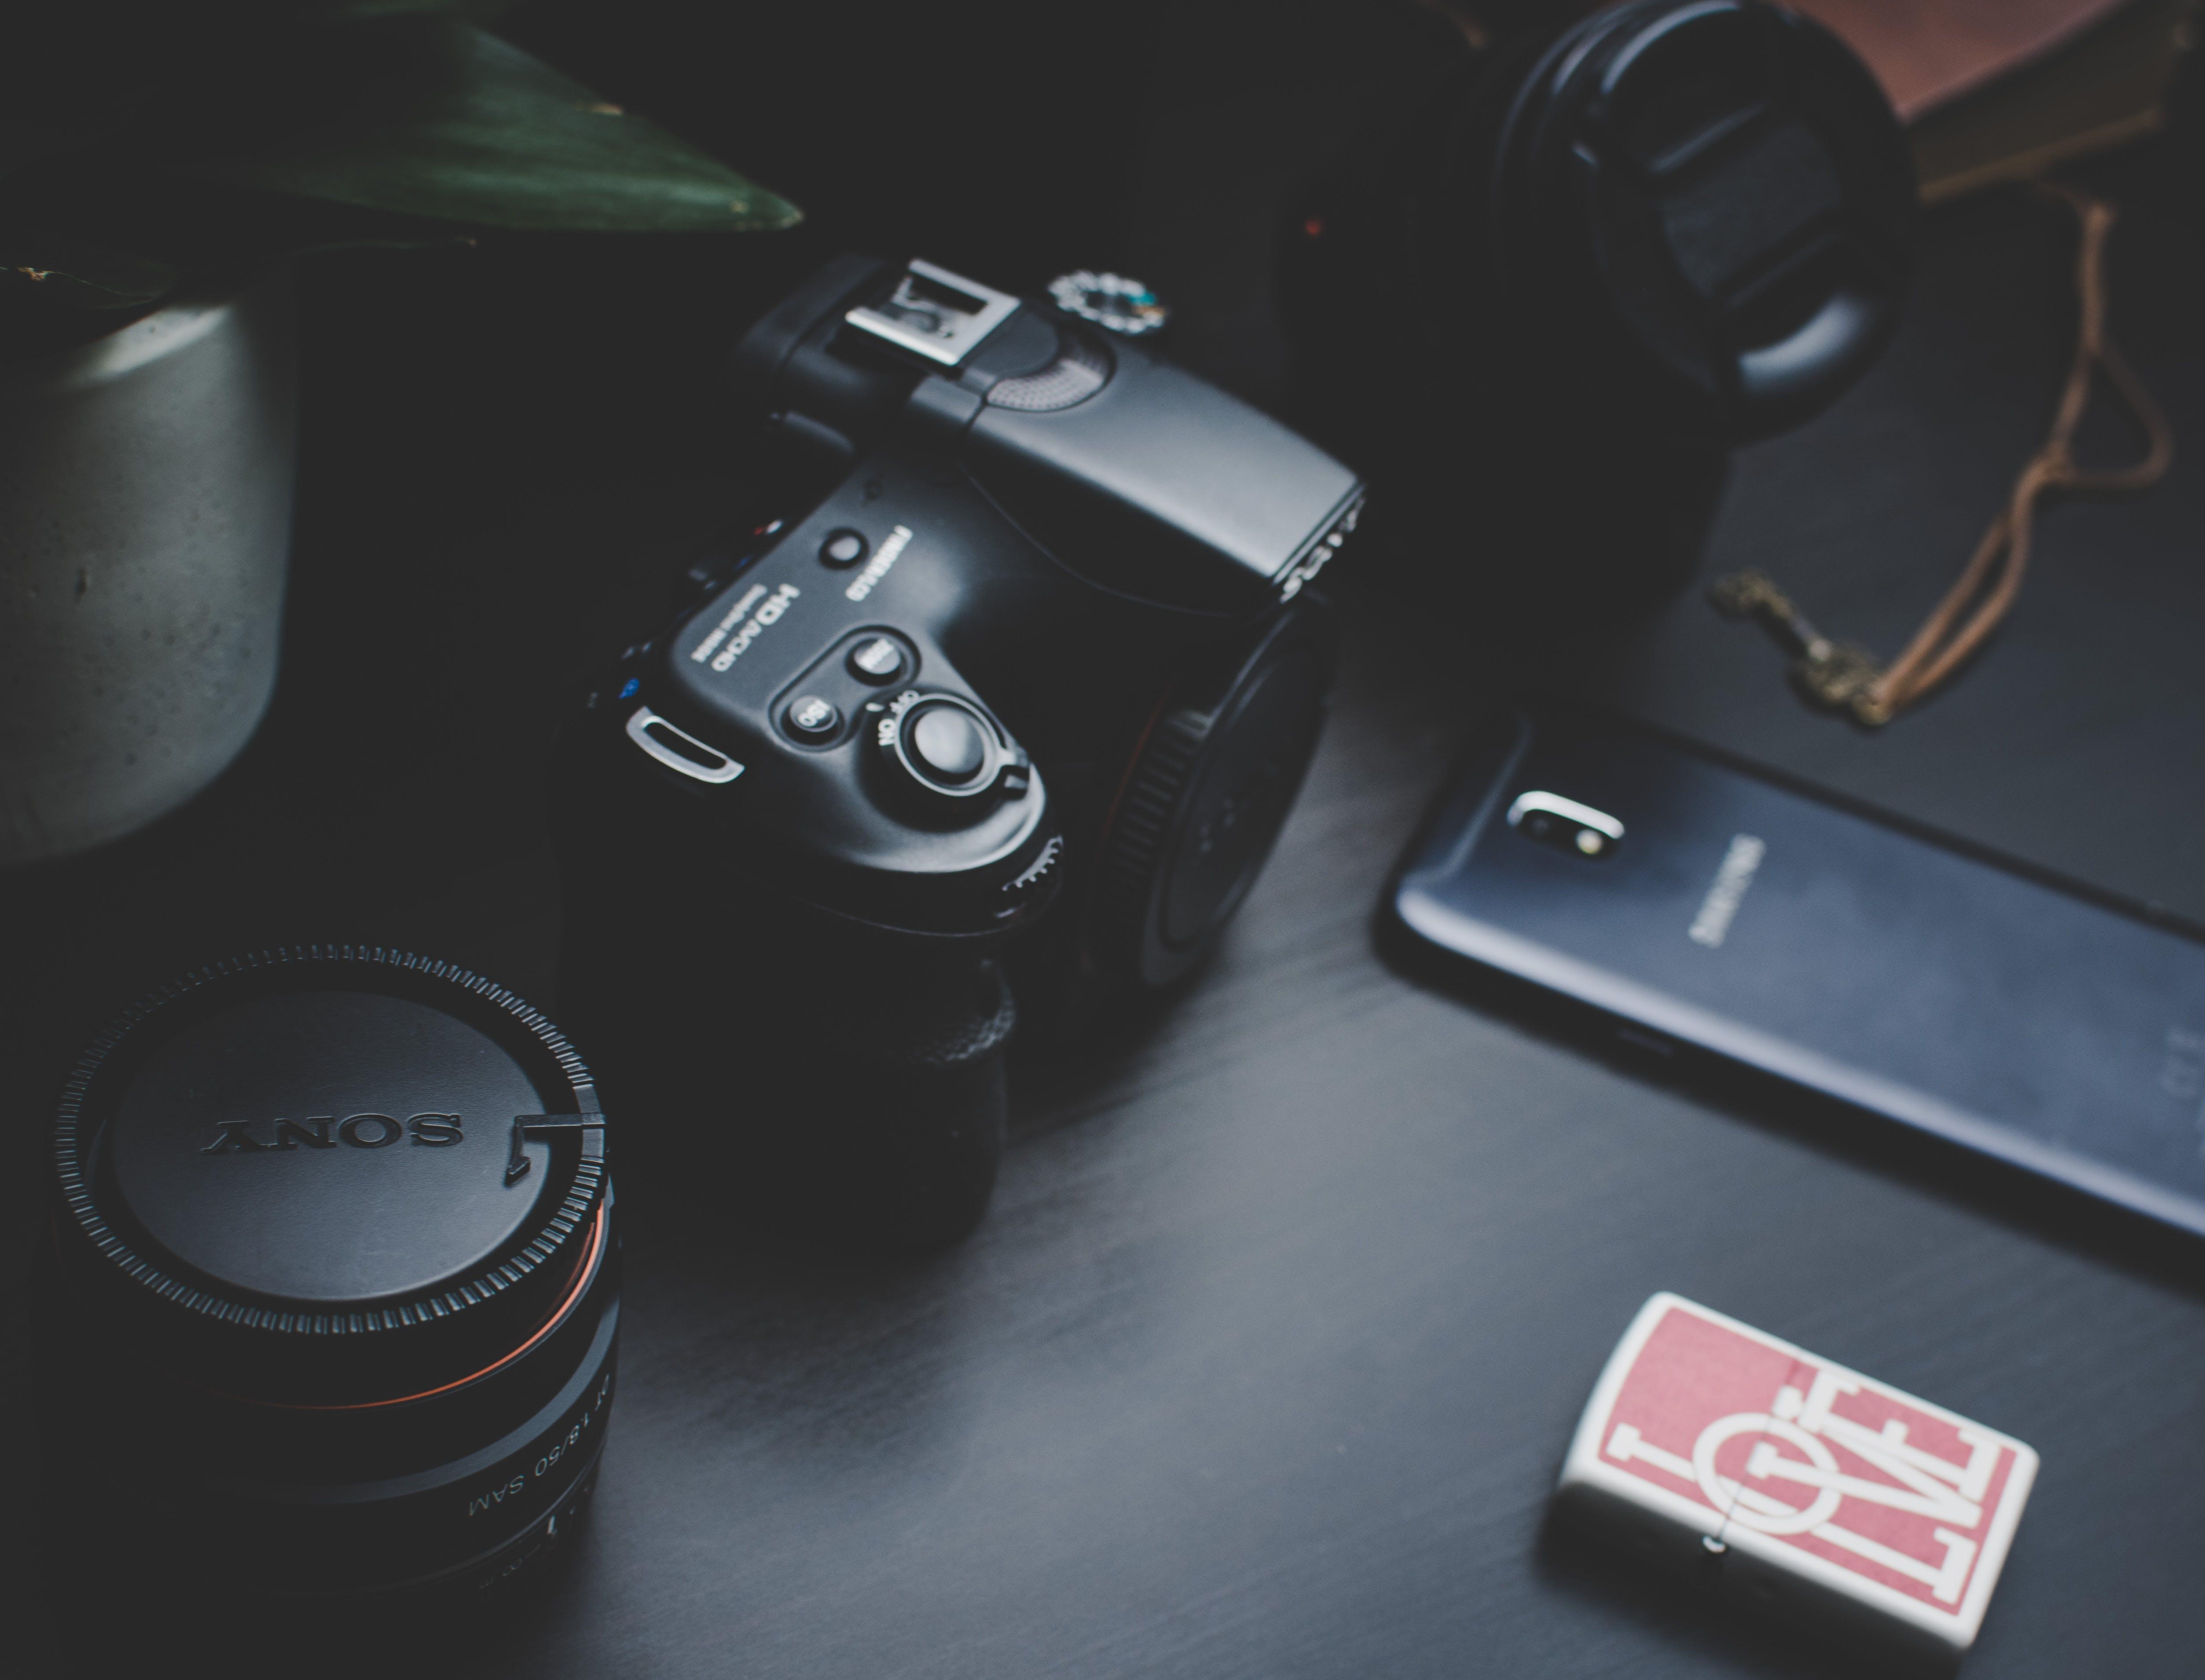 Dslr Camera Beside Samsung Smartphone on Black Surface